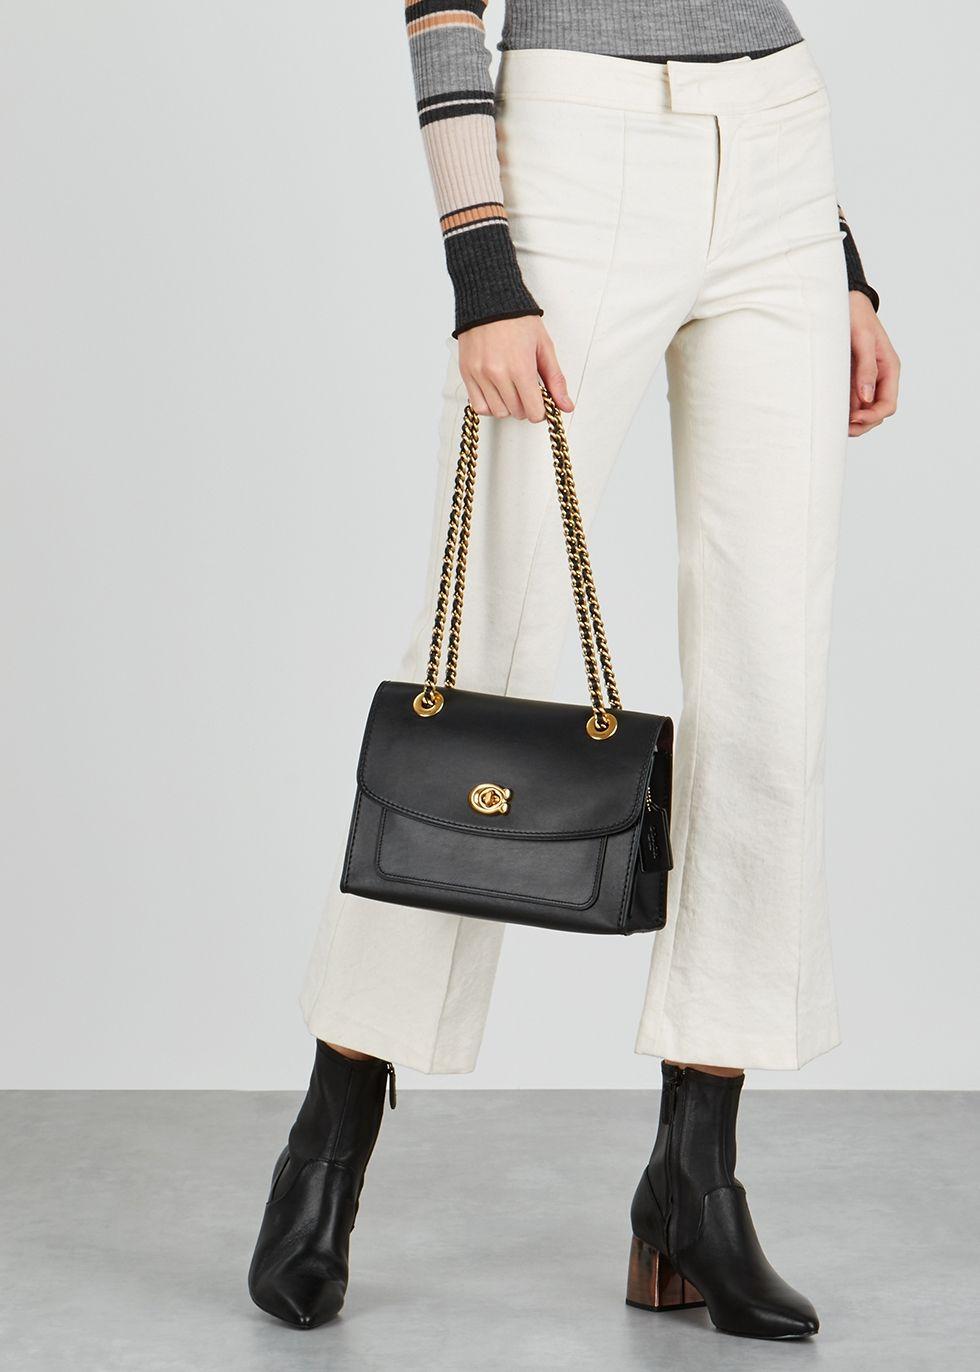 be1c39892076f Parker black leather shoulder bag in 2019